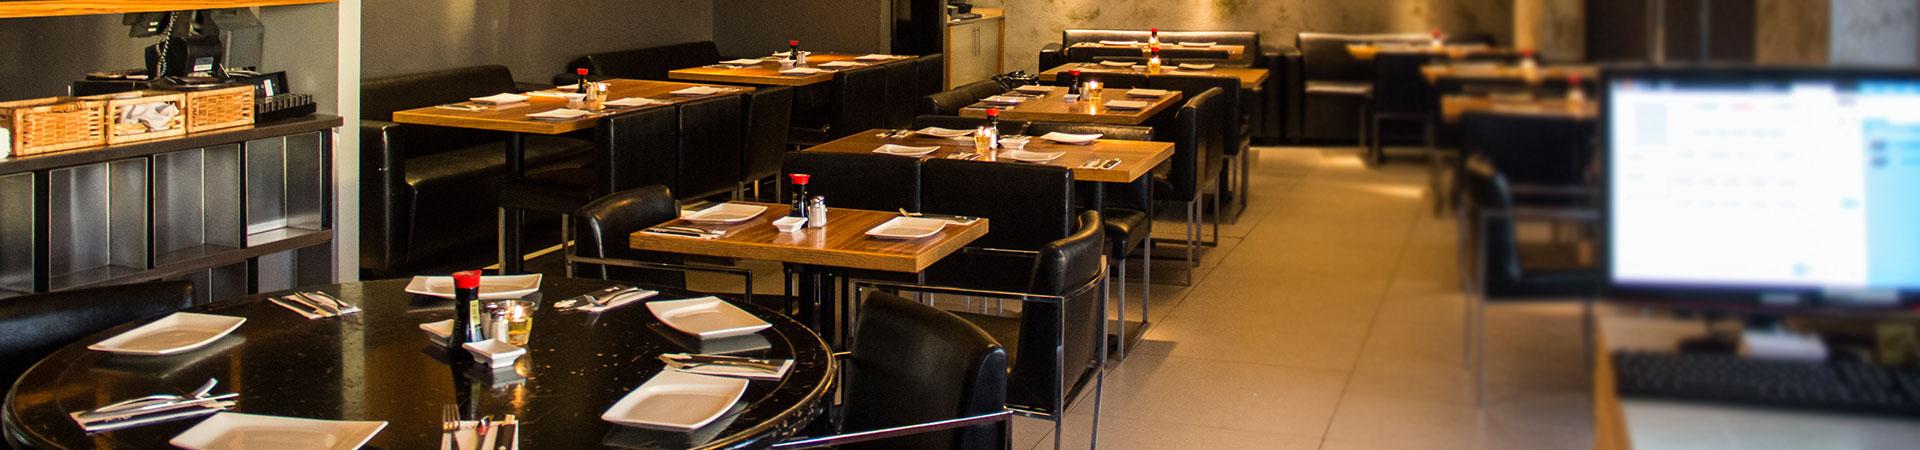 מסעדות סושי בתל אביב